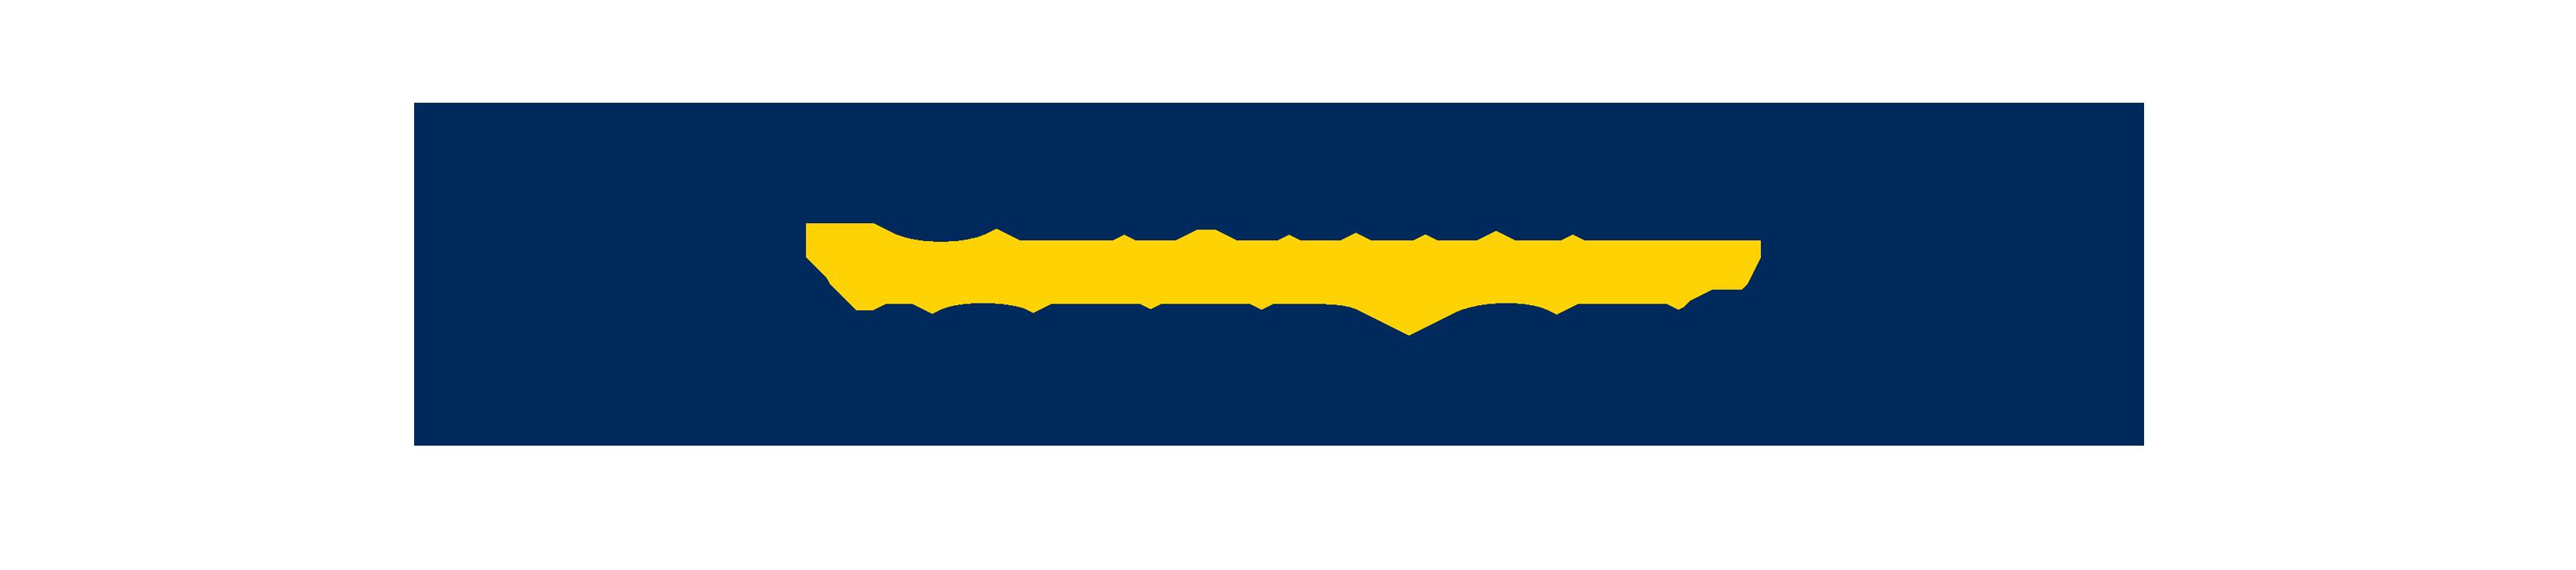 Clarke University Transfer Center logo